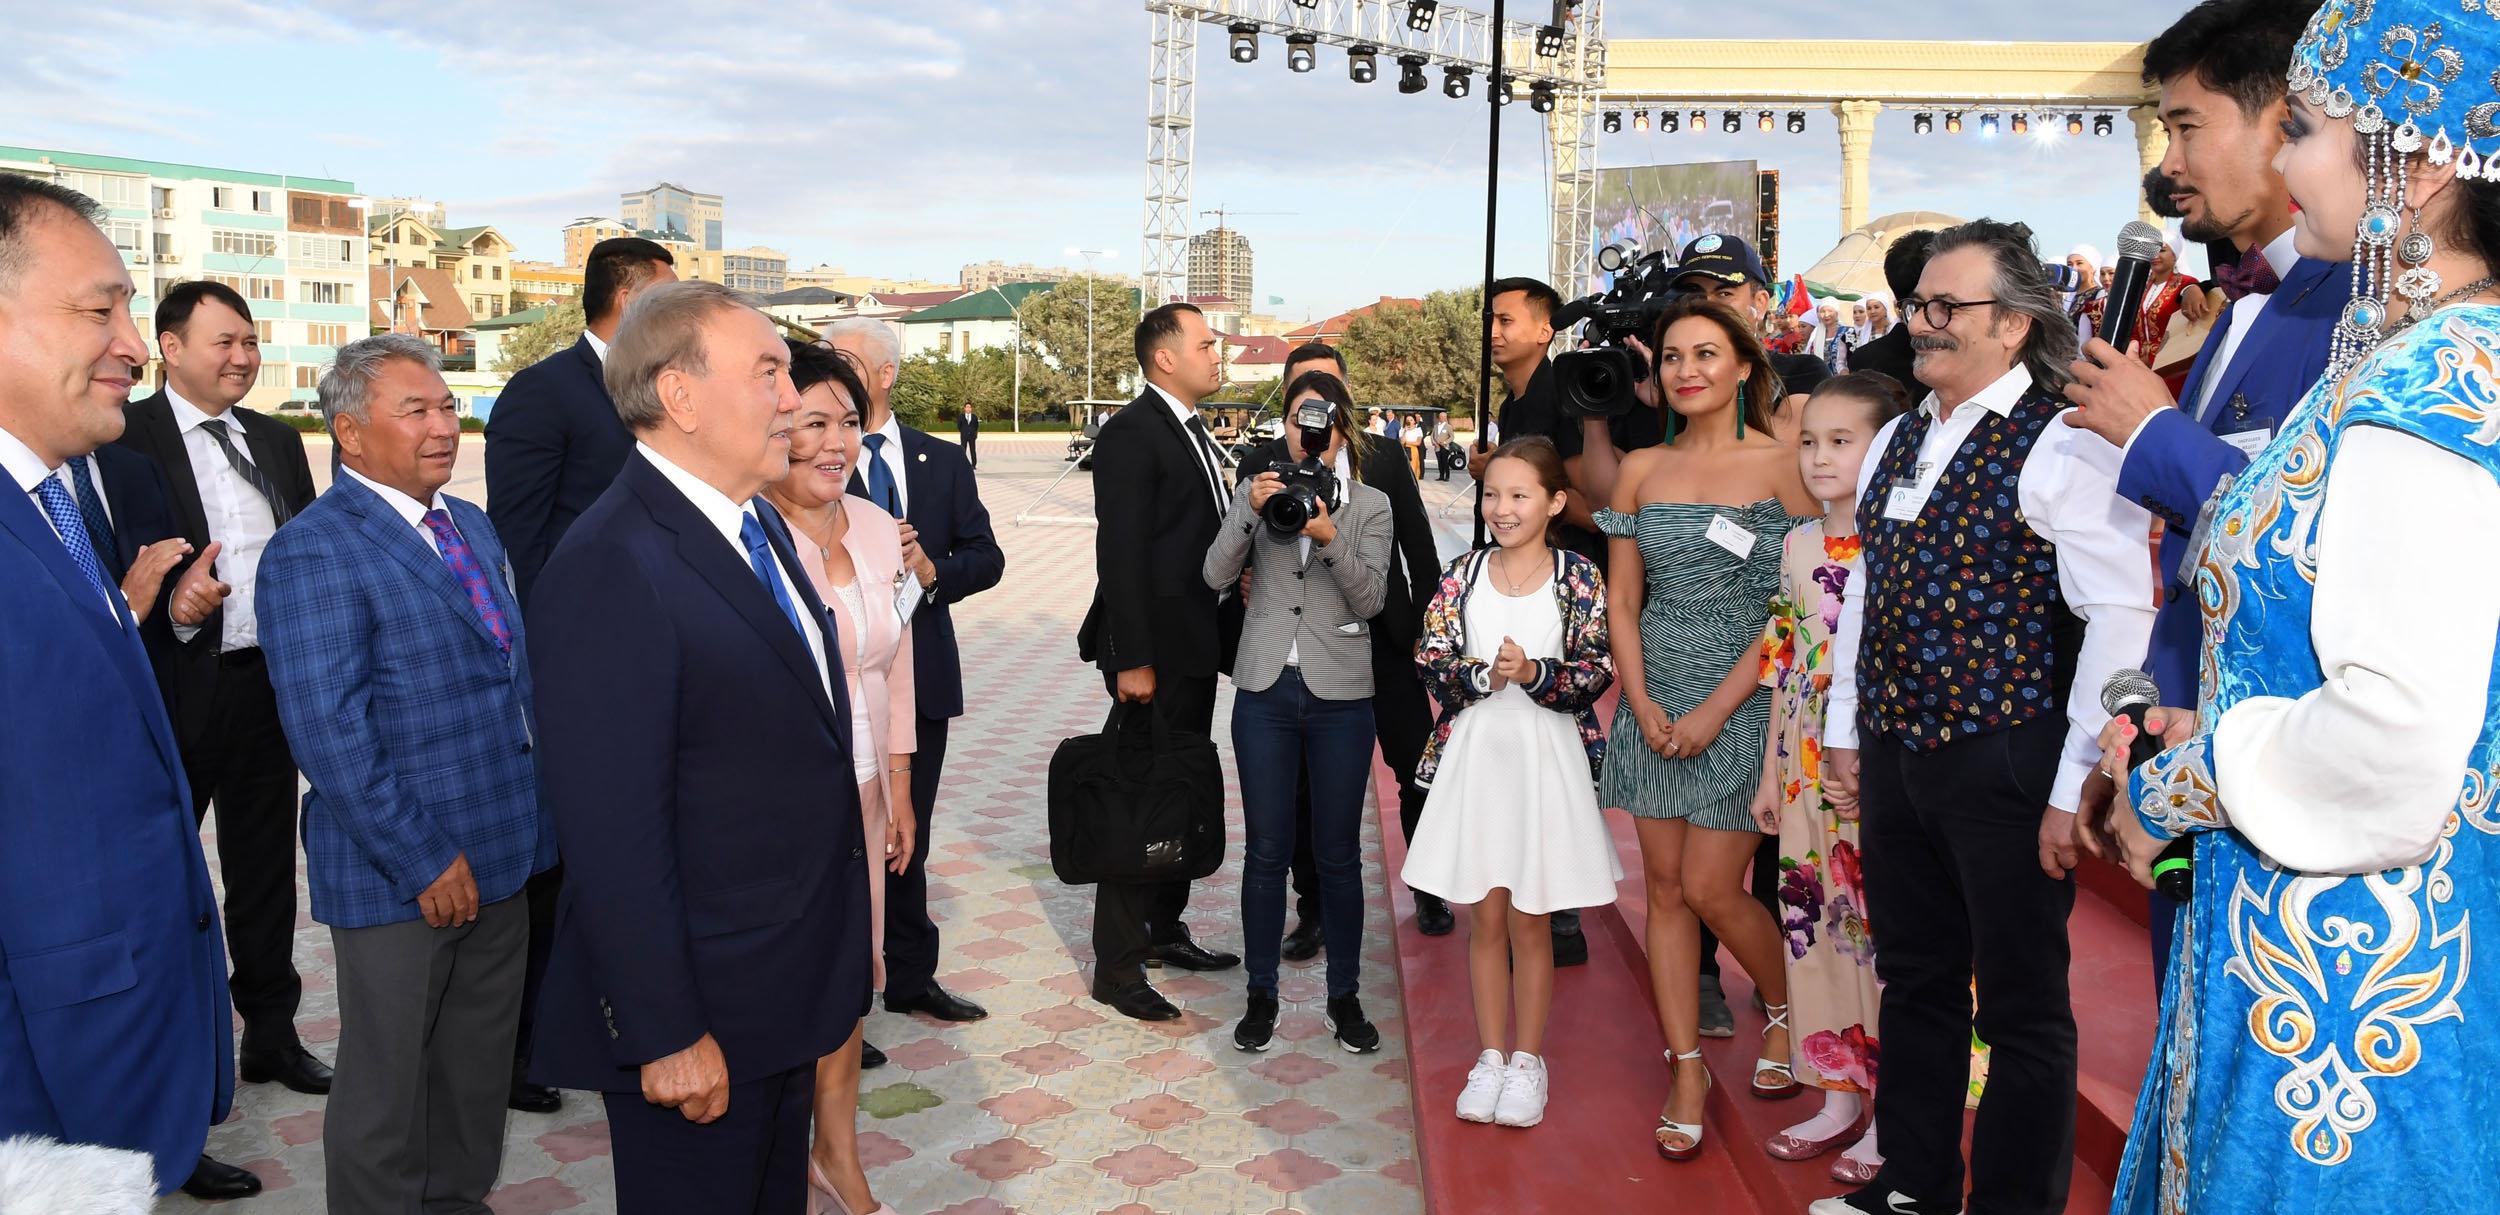 Нурсултан Назарбаев осмотрел амфитеатр под открытым небом на набережной в Актау